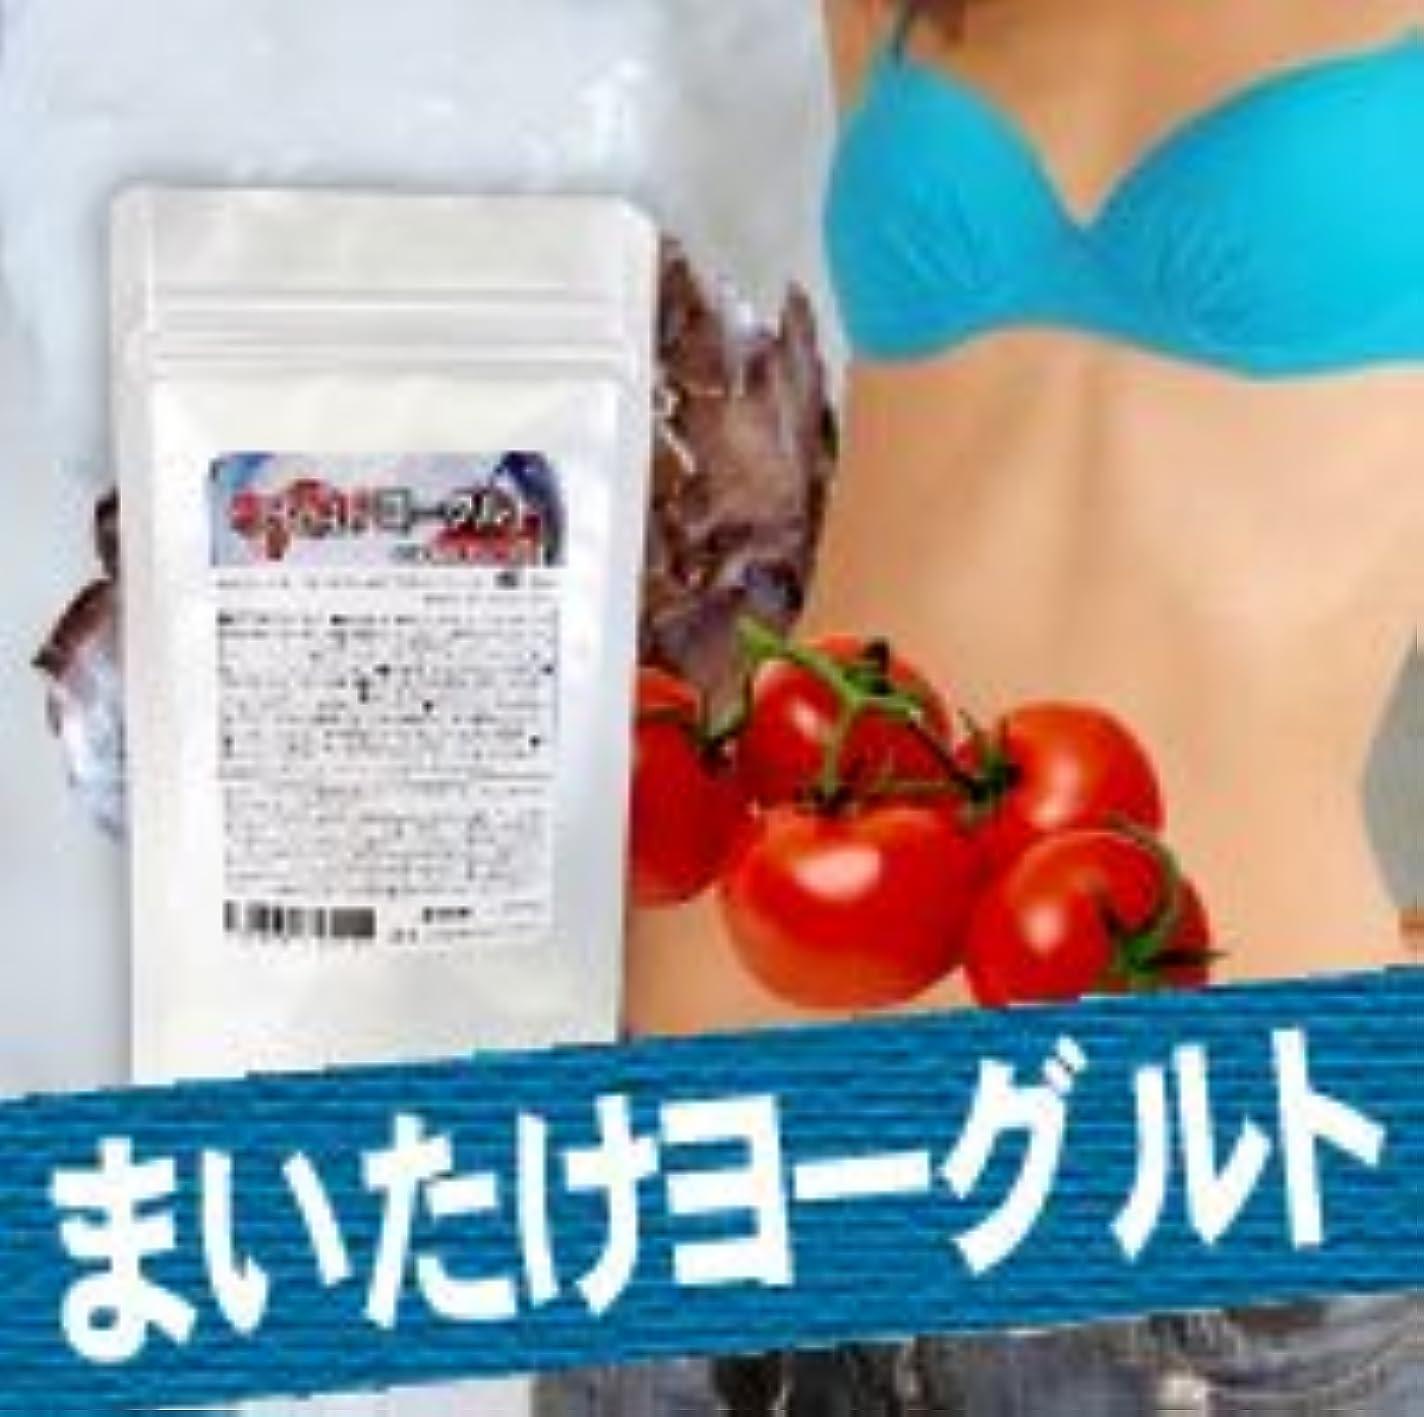 手がかり熟練した残基ダイエットサプリメント【まいたけヨーグルト×2個】TVで話題の舞茸、ヨーグルト、トマト